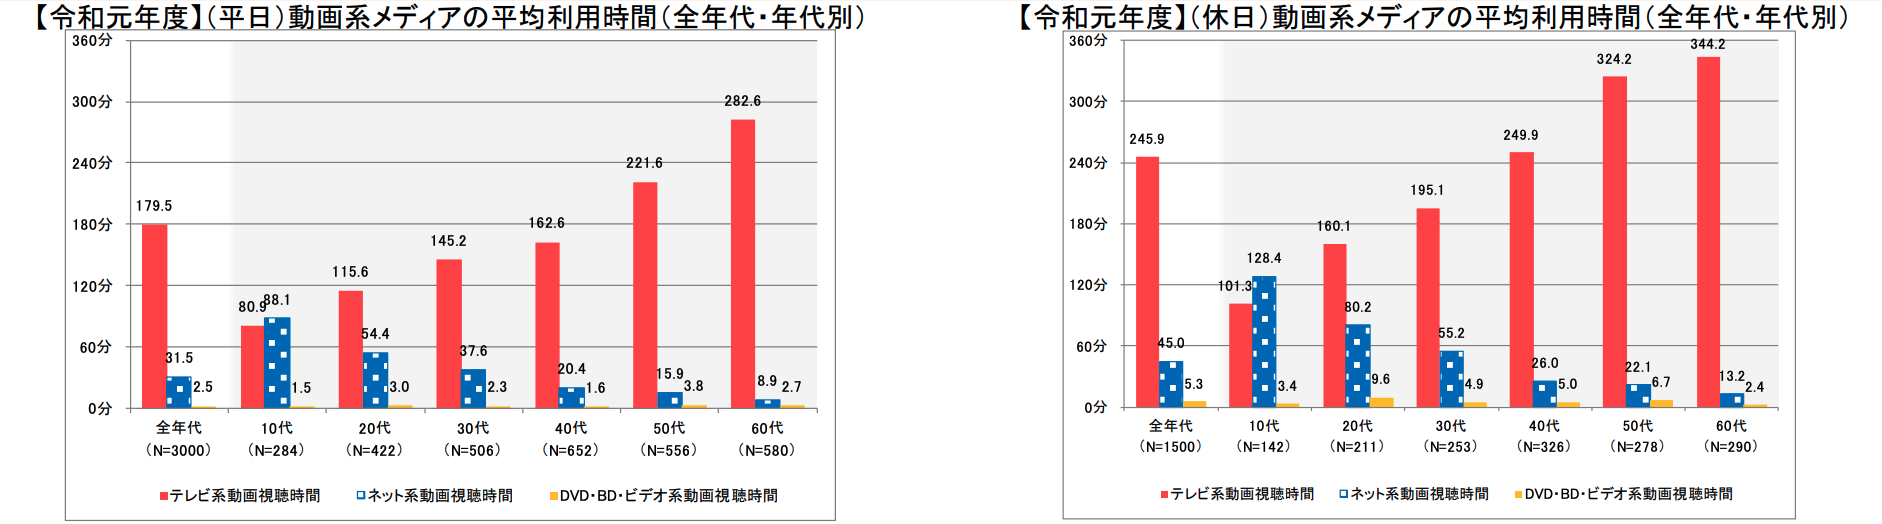 総務省データ「動画系メディアの比較」